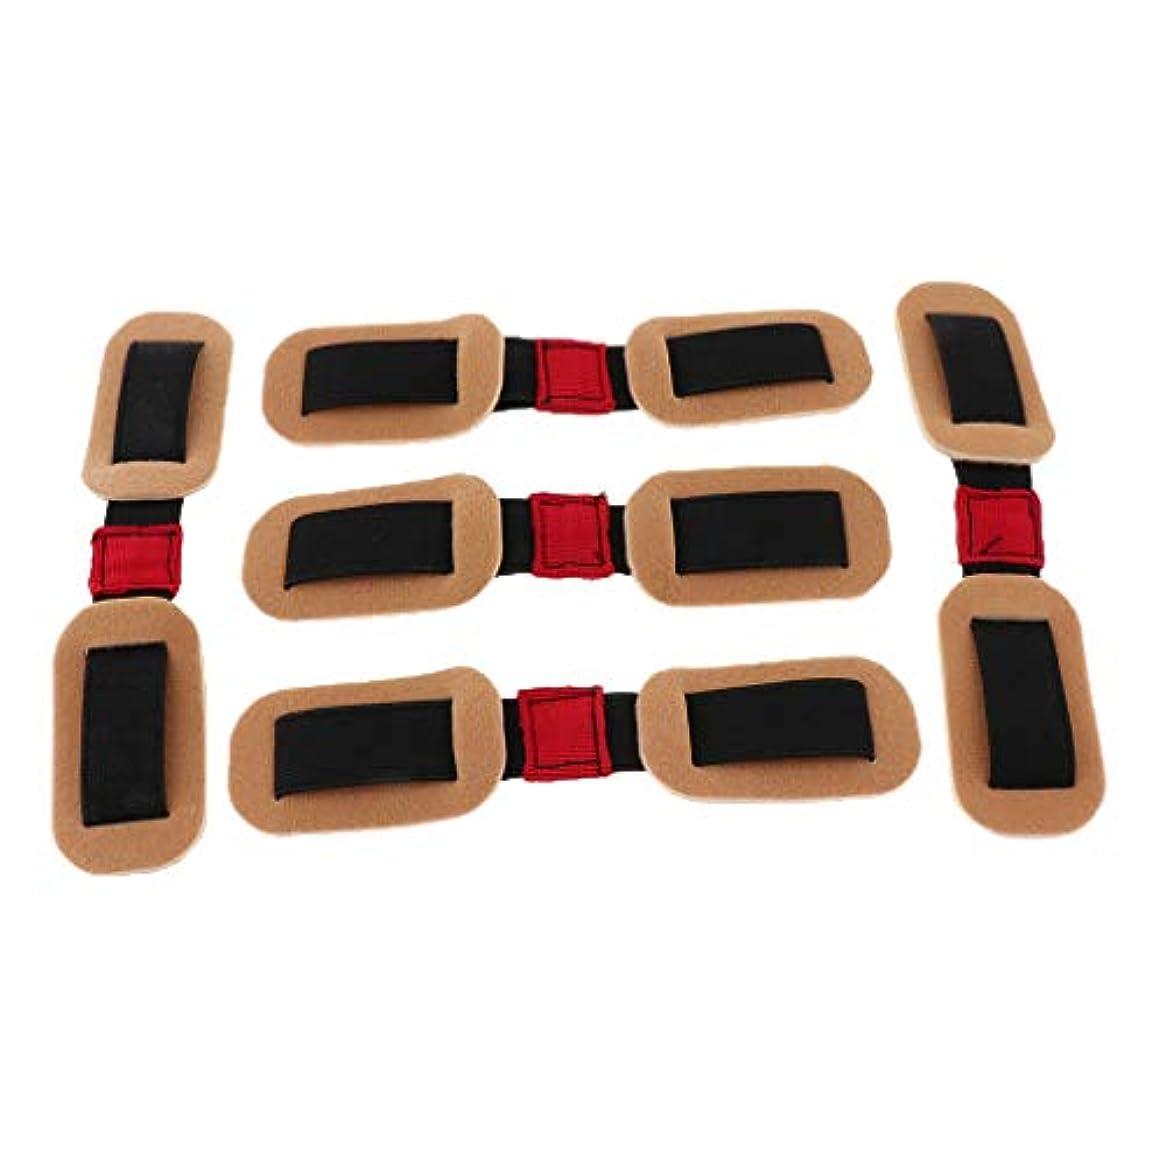 役立つに変わる奴隷CUTICATE 外反母趾サポーター バンド ストラップ 親指矯正 トレーニング 柔軟 再利用可能 男女兼用 5個入